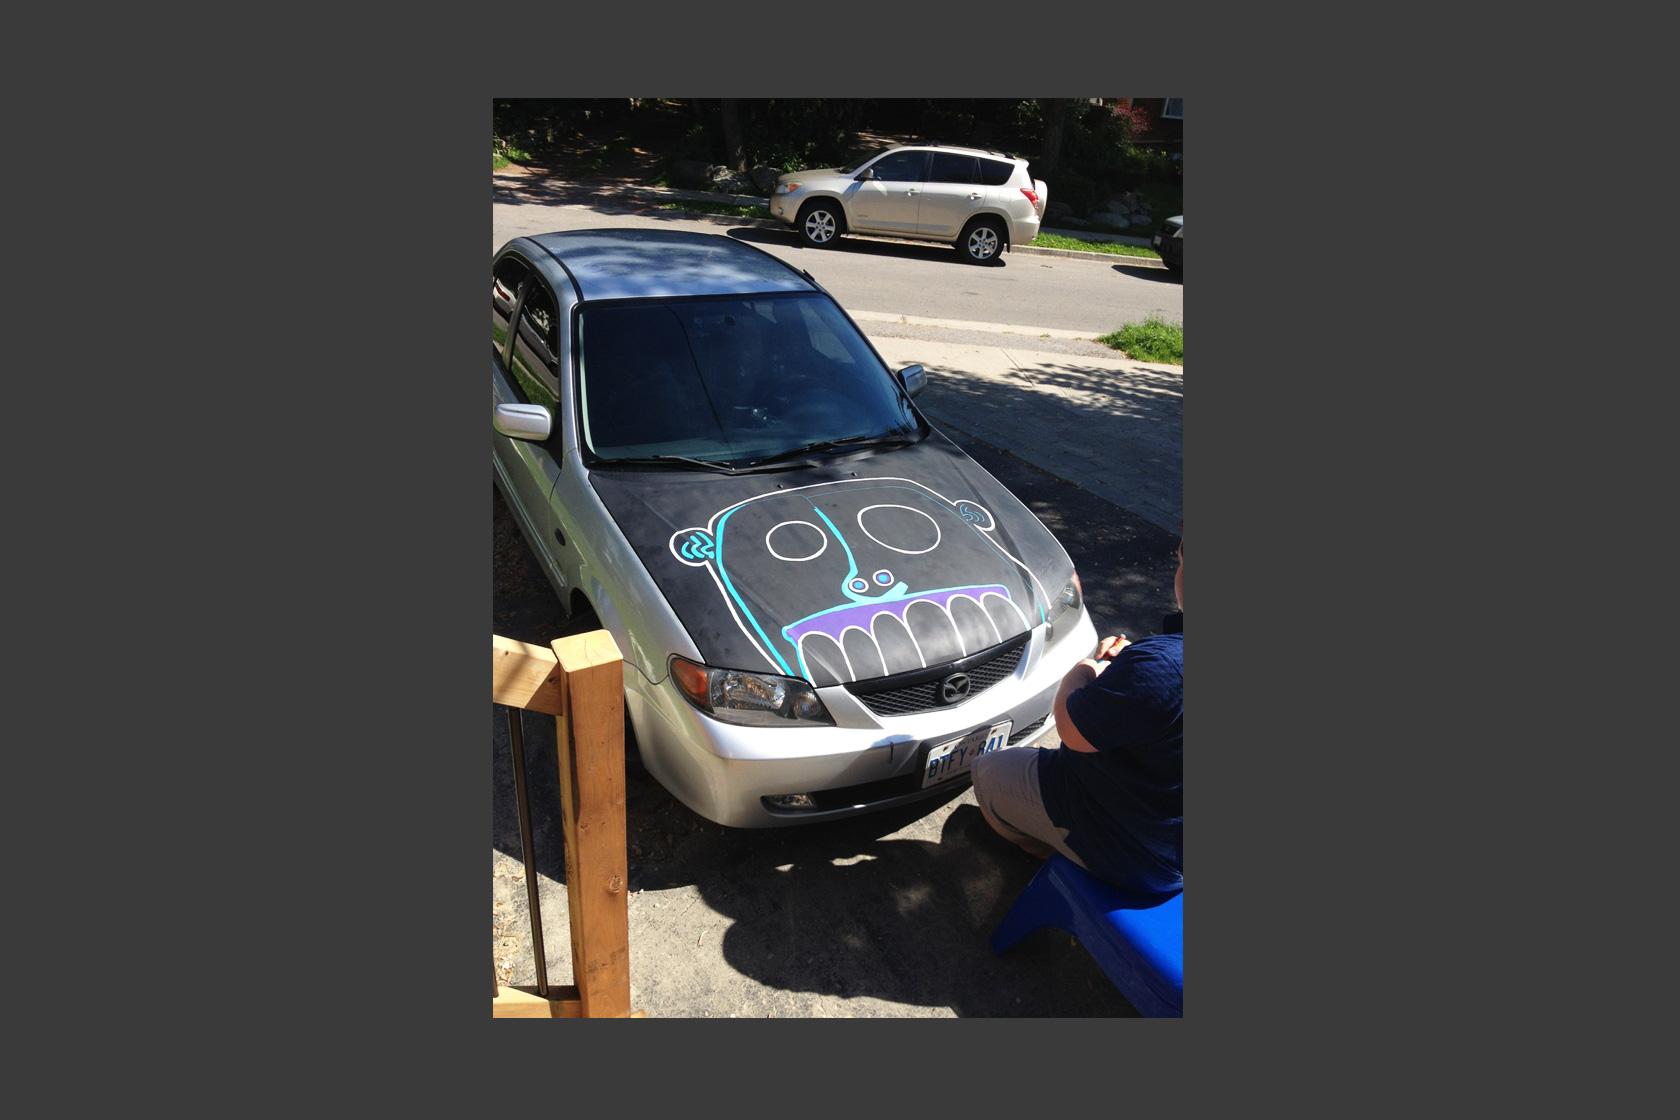 Car Mural